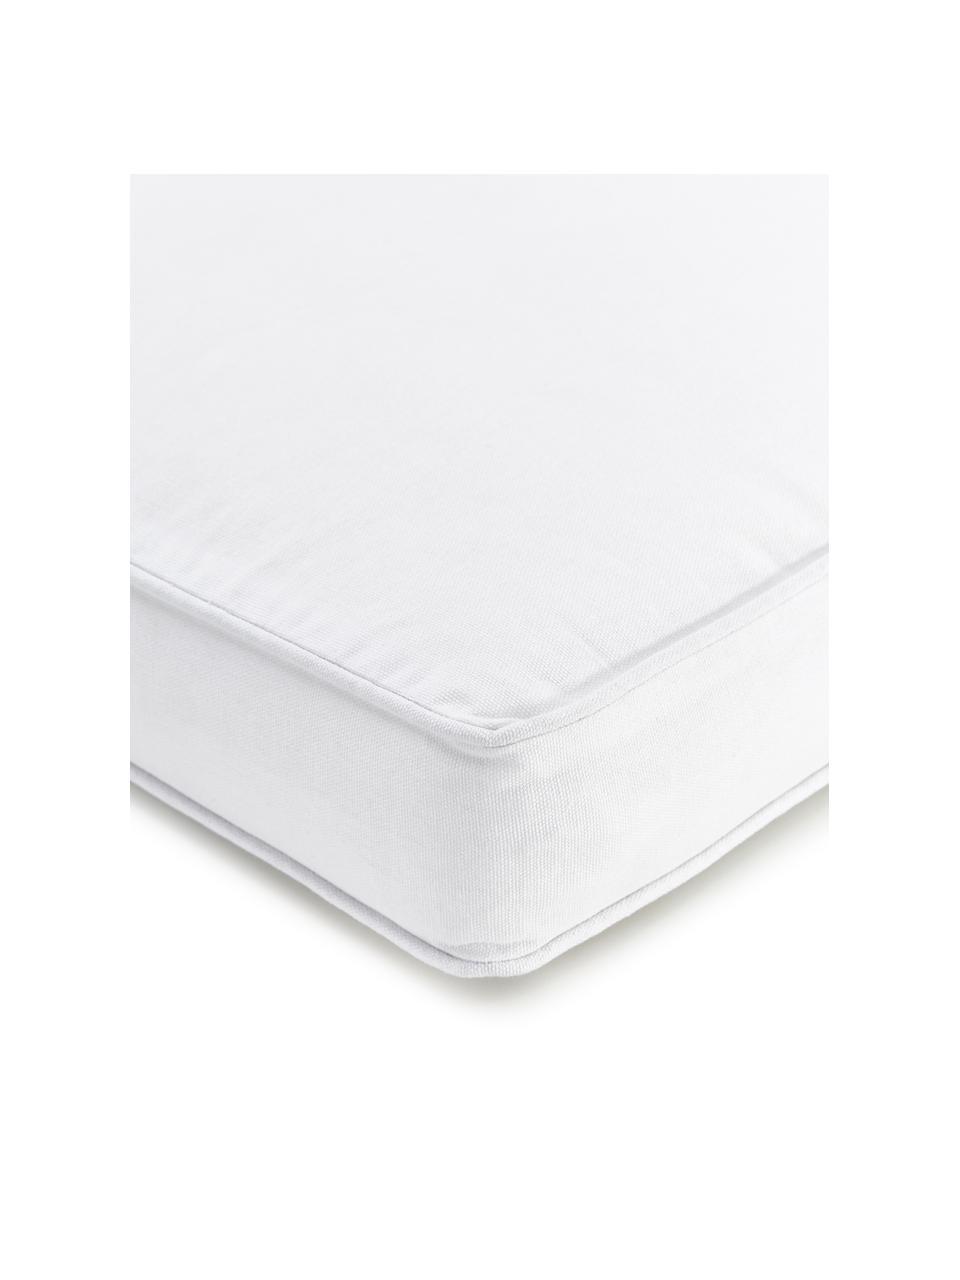 Cuscino sedia alto bianco Zoey, Rivestimento: 100% cotone, Bianco, Larg. 40 x Lung. 40 cm